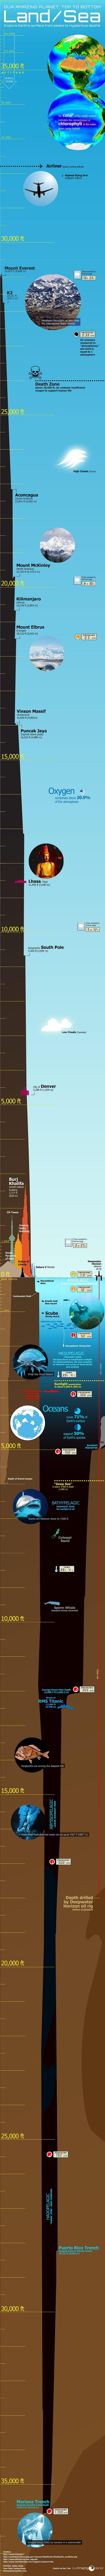 i-7a2633c00c75a9d06566d1a81d151a47-oap-landsea-oceans-100608-moderatexx.jpg